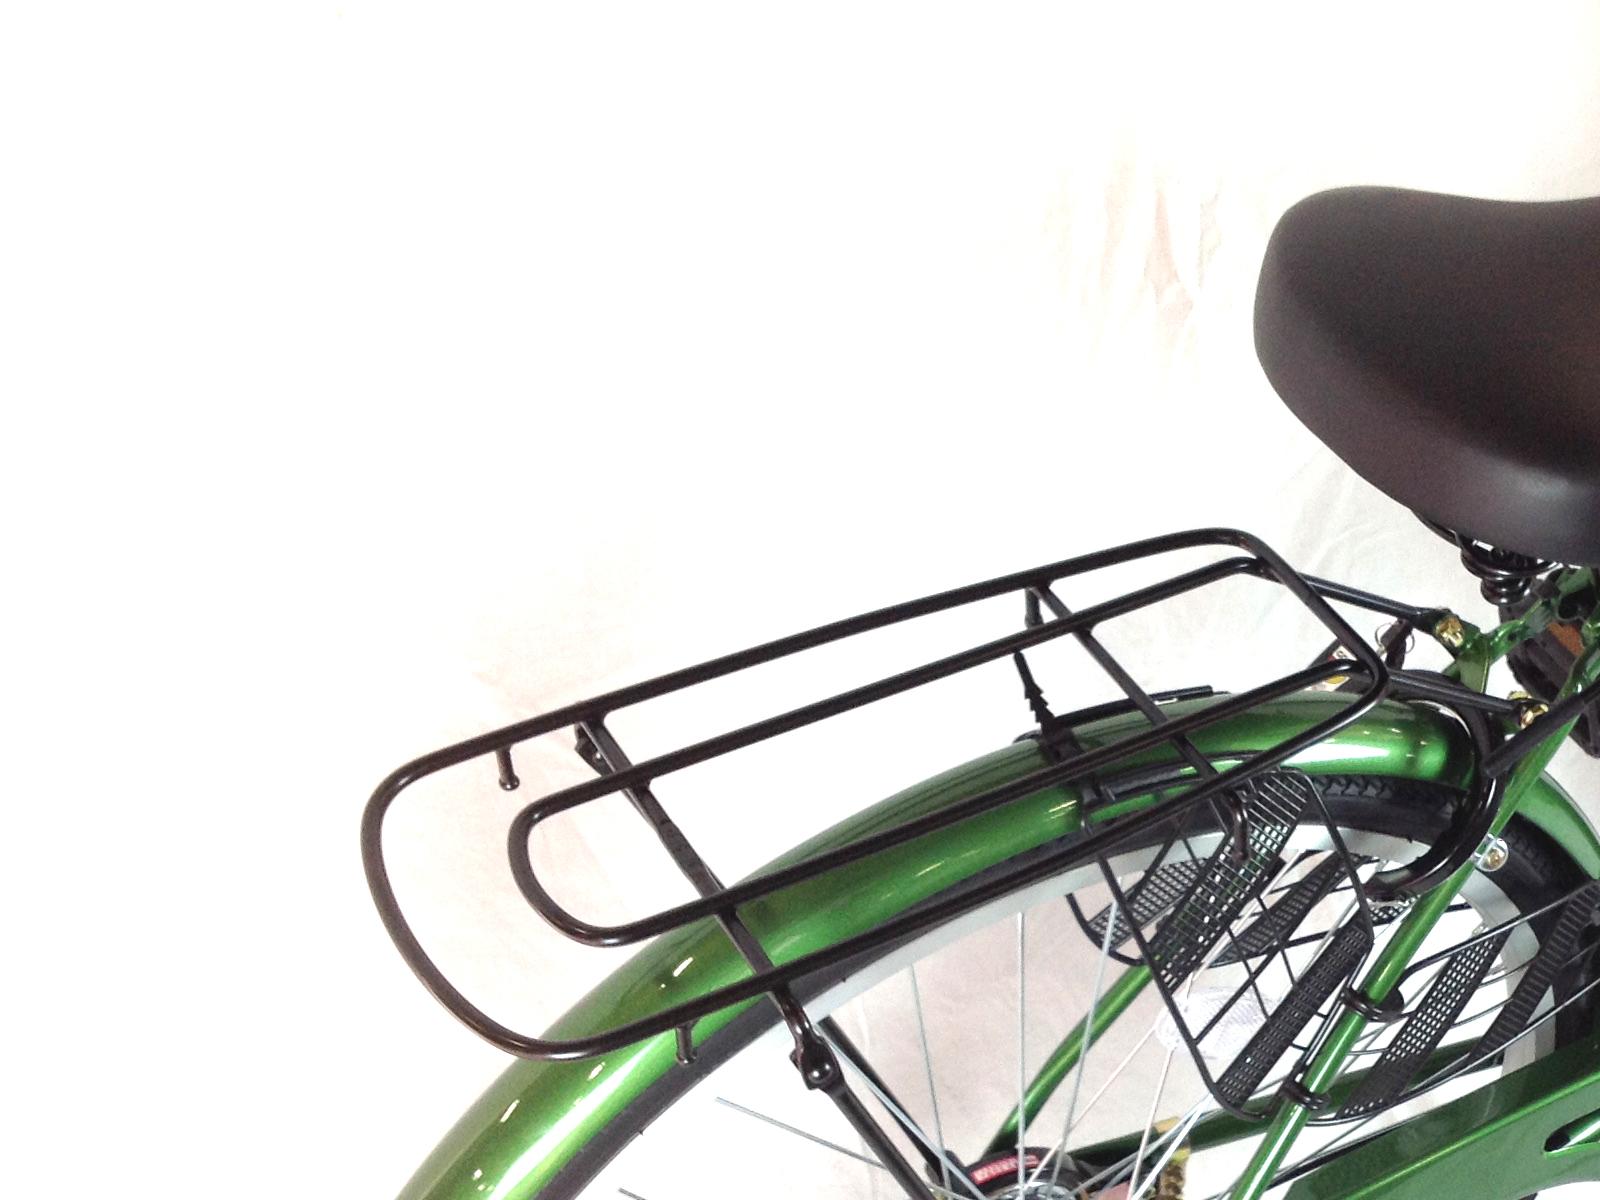 外装6段変速 かわいいママチャリ 自転車 女の子 ママチャリ 6月初旬以降発送 カゴ サントラスト 通販 グリーン 6段ギア 自転車 自転車 緑色 つき カギ dixhuit 通学 6段変速ギア付き 激安 軽快車 シマノ製 おしゃれ 配送先一都三県一部地域限定 26インチ 変速付き